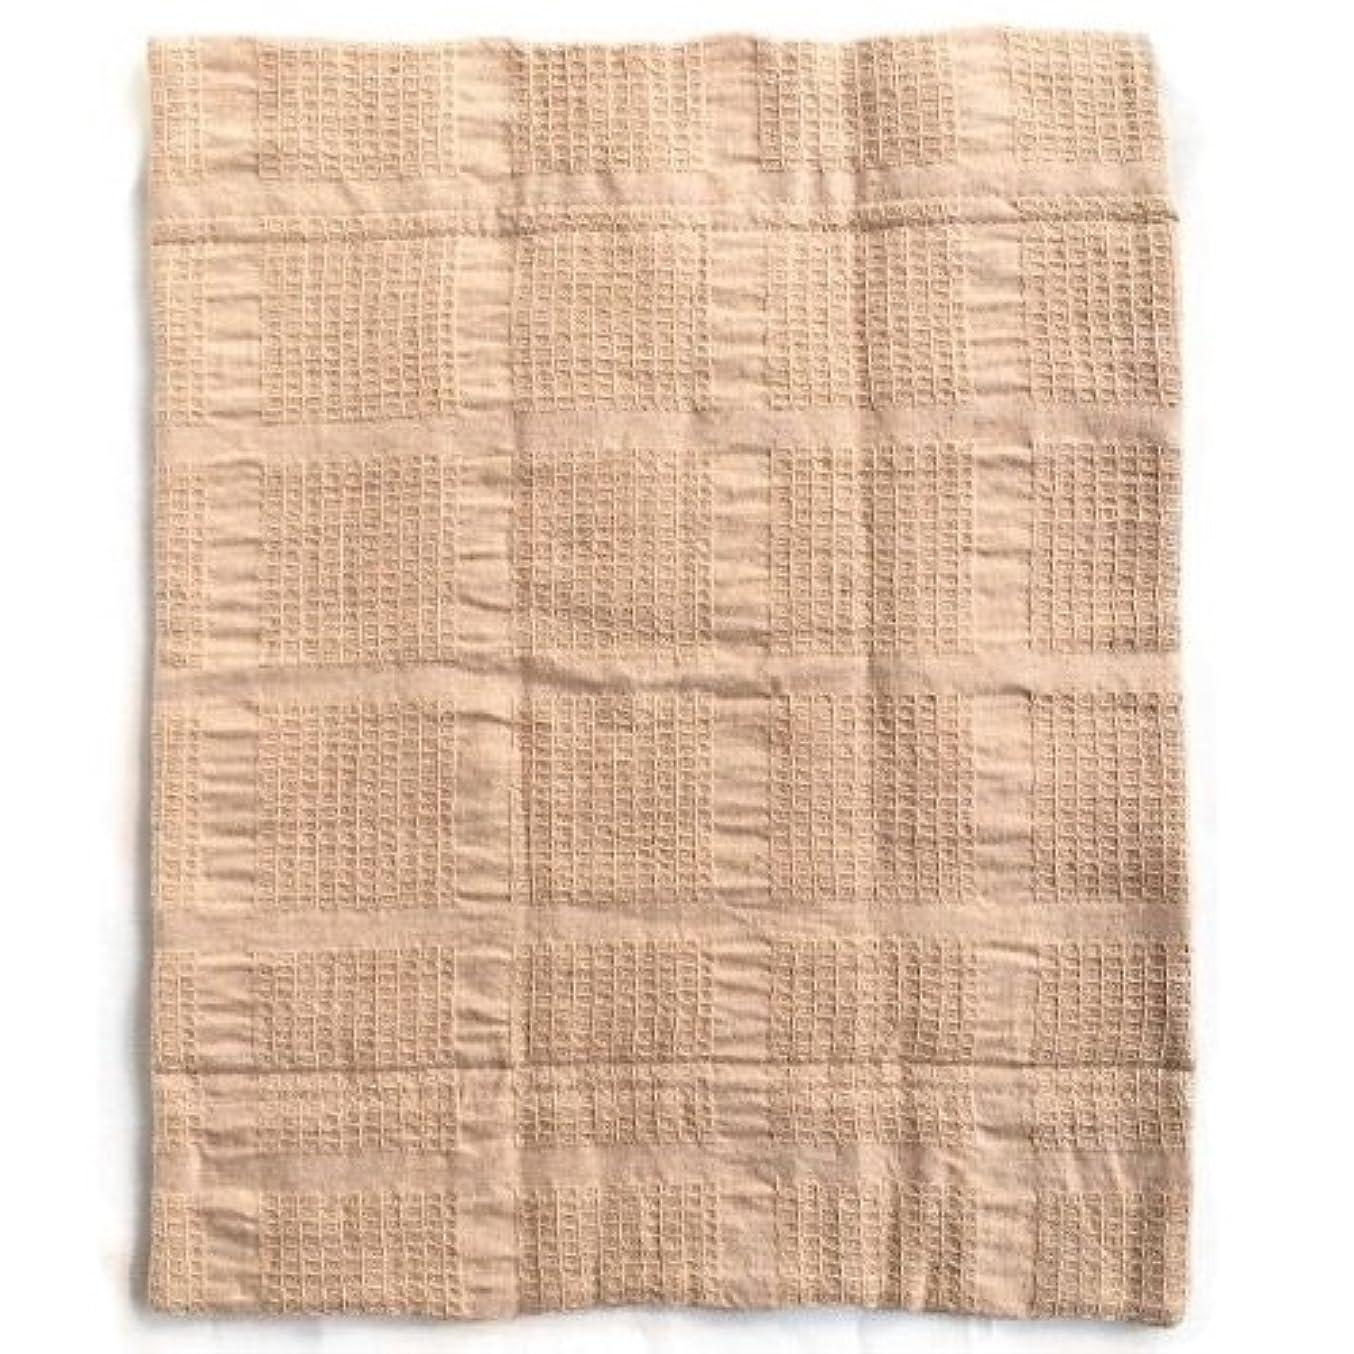 任意味わうジャンプする華布のオーガニックコットンの布ナプキン LLサイズ(約28cm×約35cm) 1枚入り